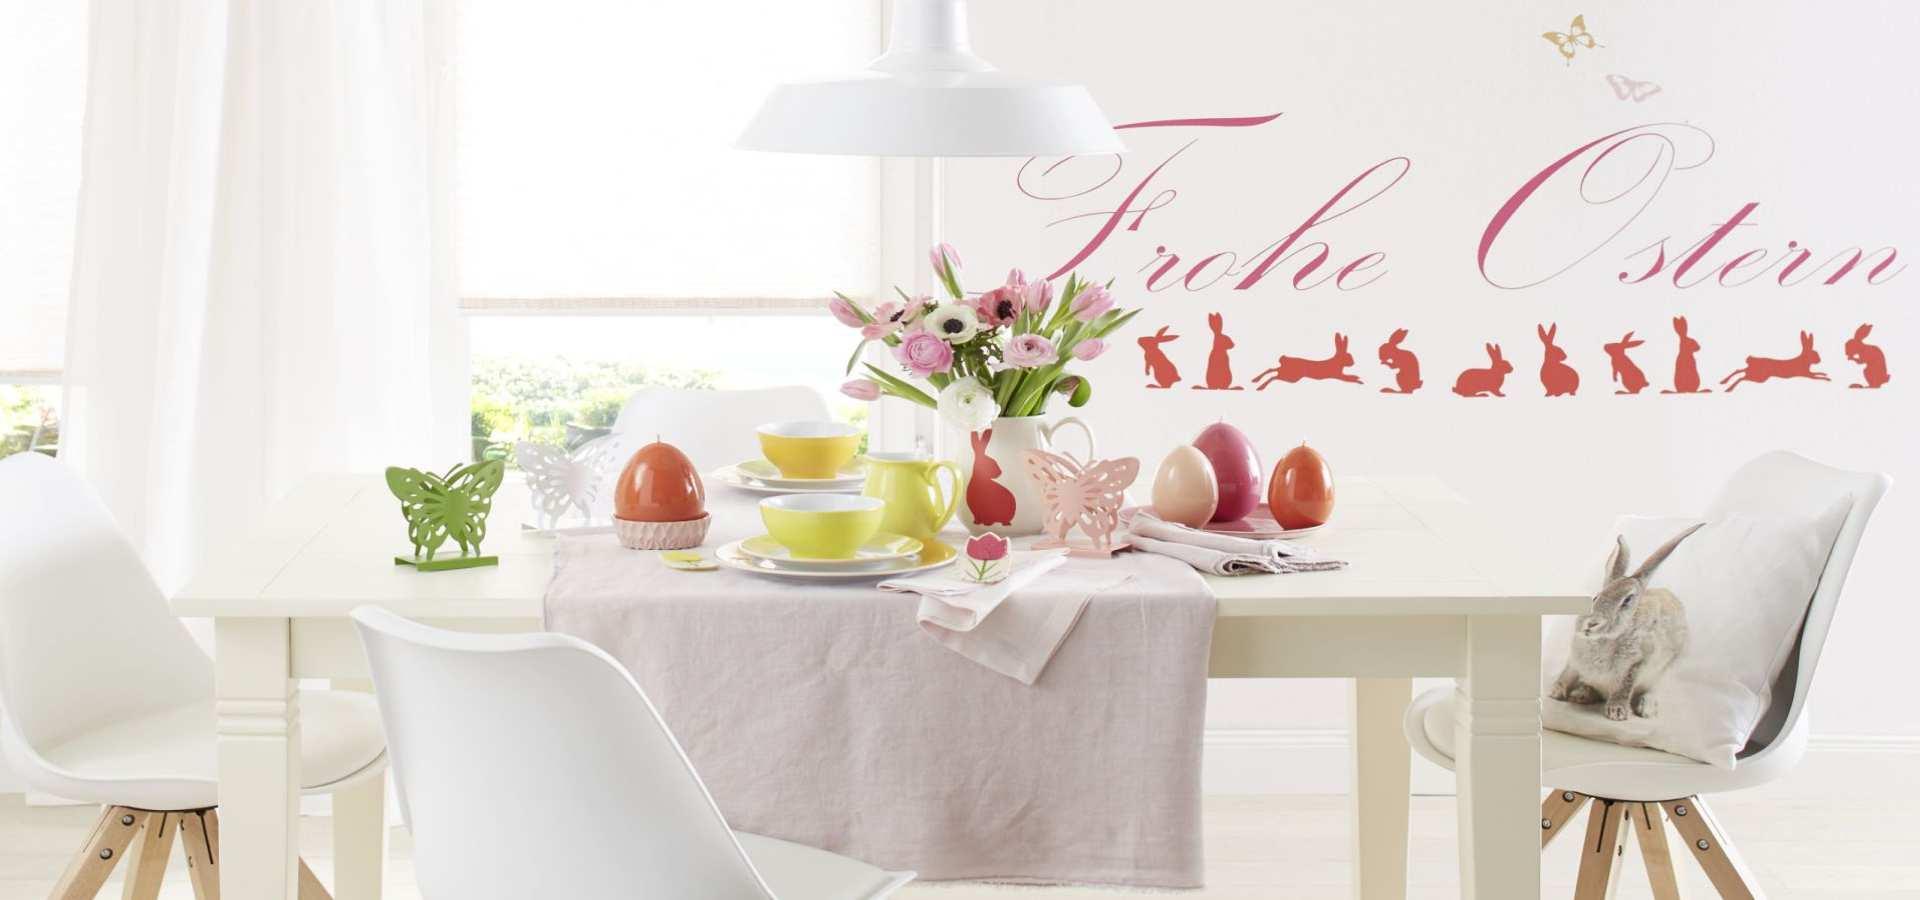 Bild Küche mit Plissees Frohe Ostern